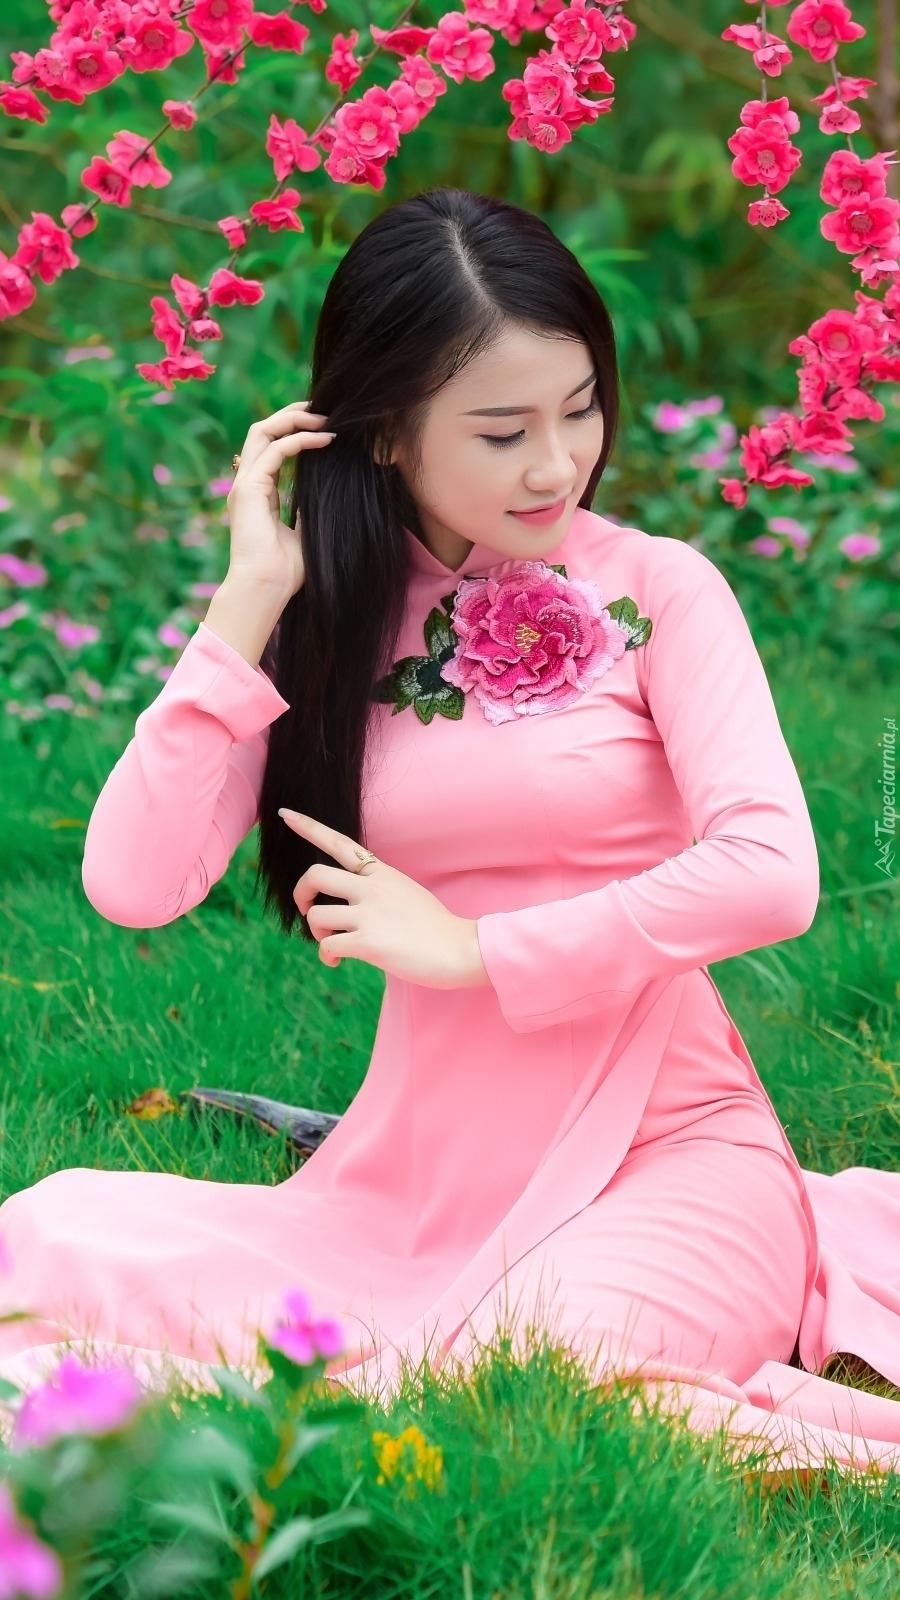 Azjatka w różowej sukience